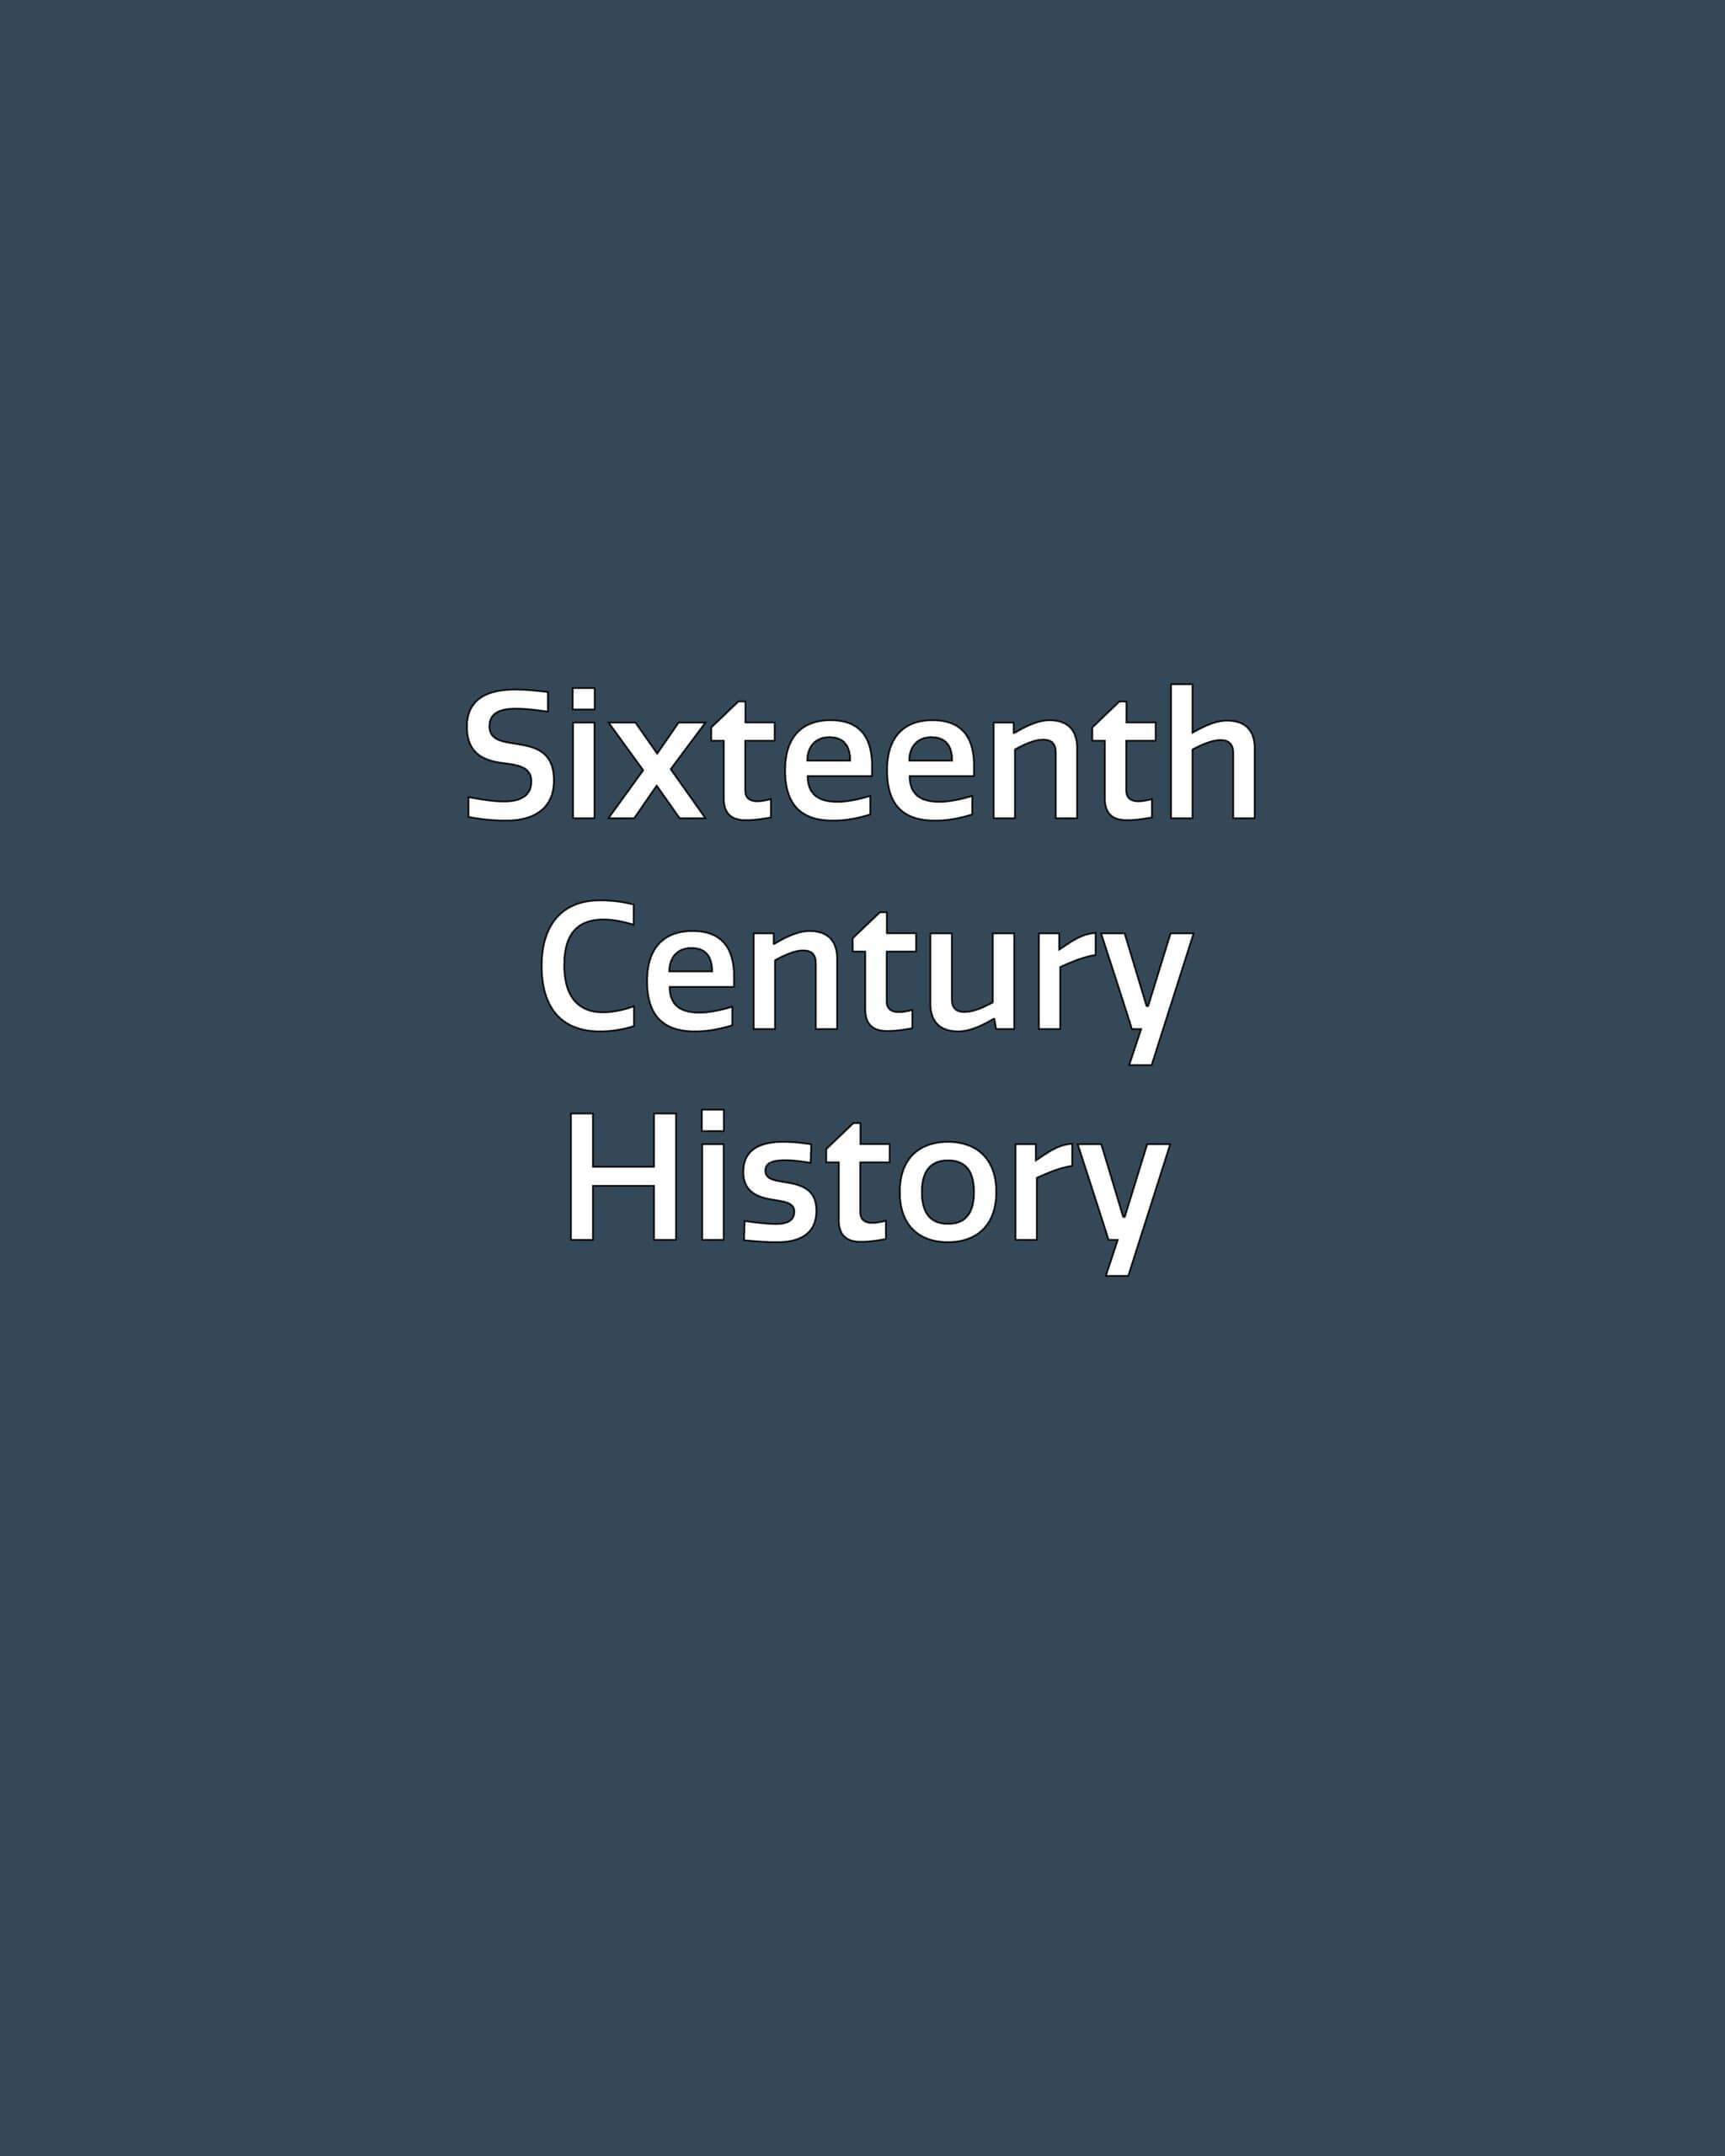 Sixteenth Century History